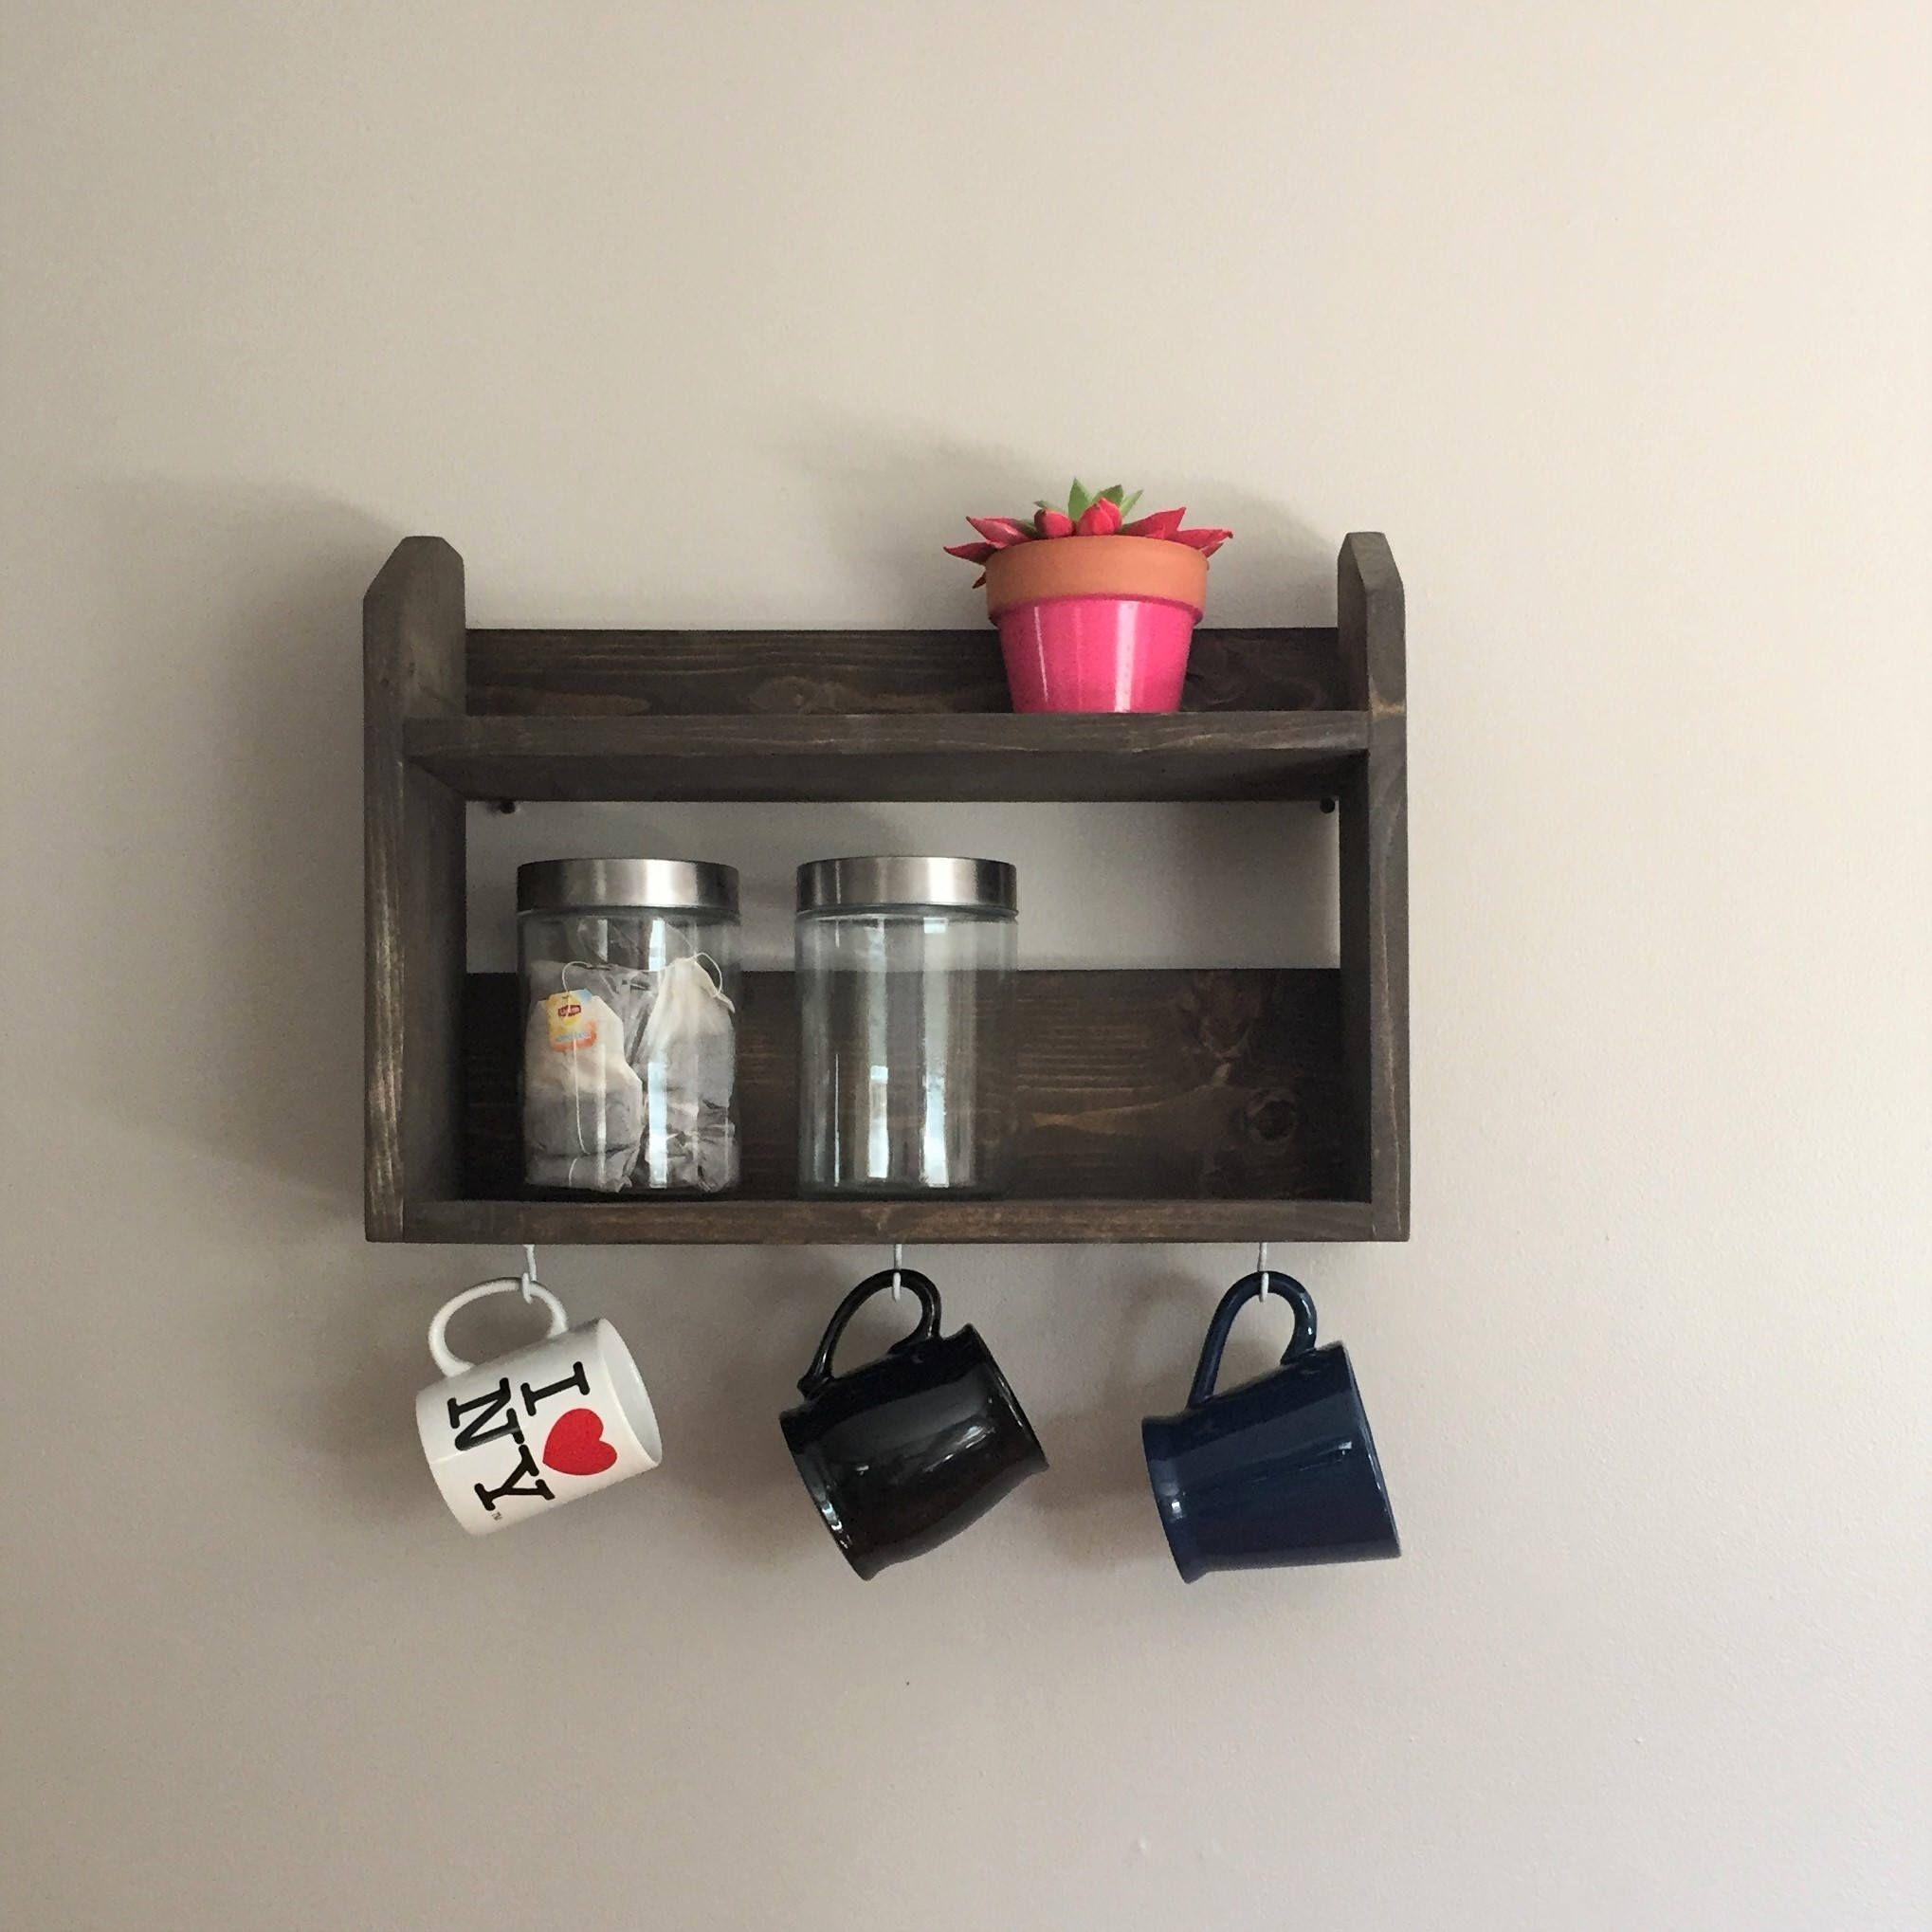 Coffee Bar Coffee Shelf Tea Shelf Mug Holder Mug Hooks Home Decor Kitchen Wood Shelf Coffee Mug Gift Ide Shelves Wall Bar Shelf Hanging Shelf Brackets